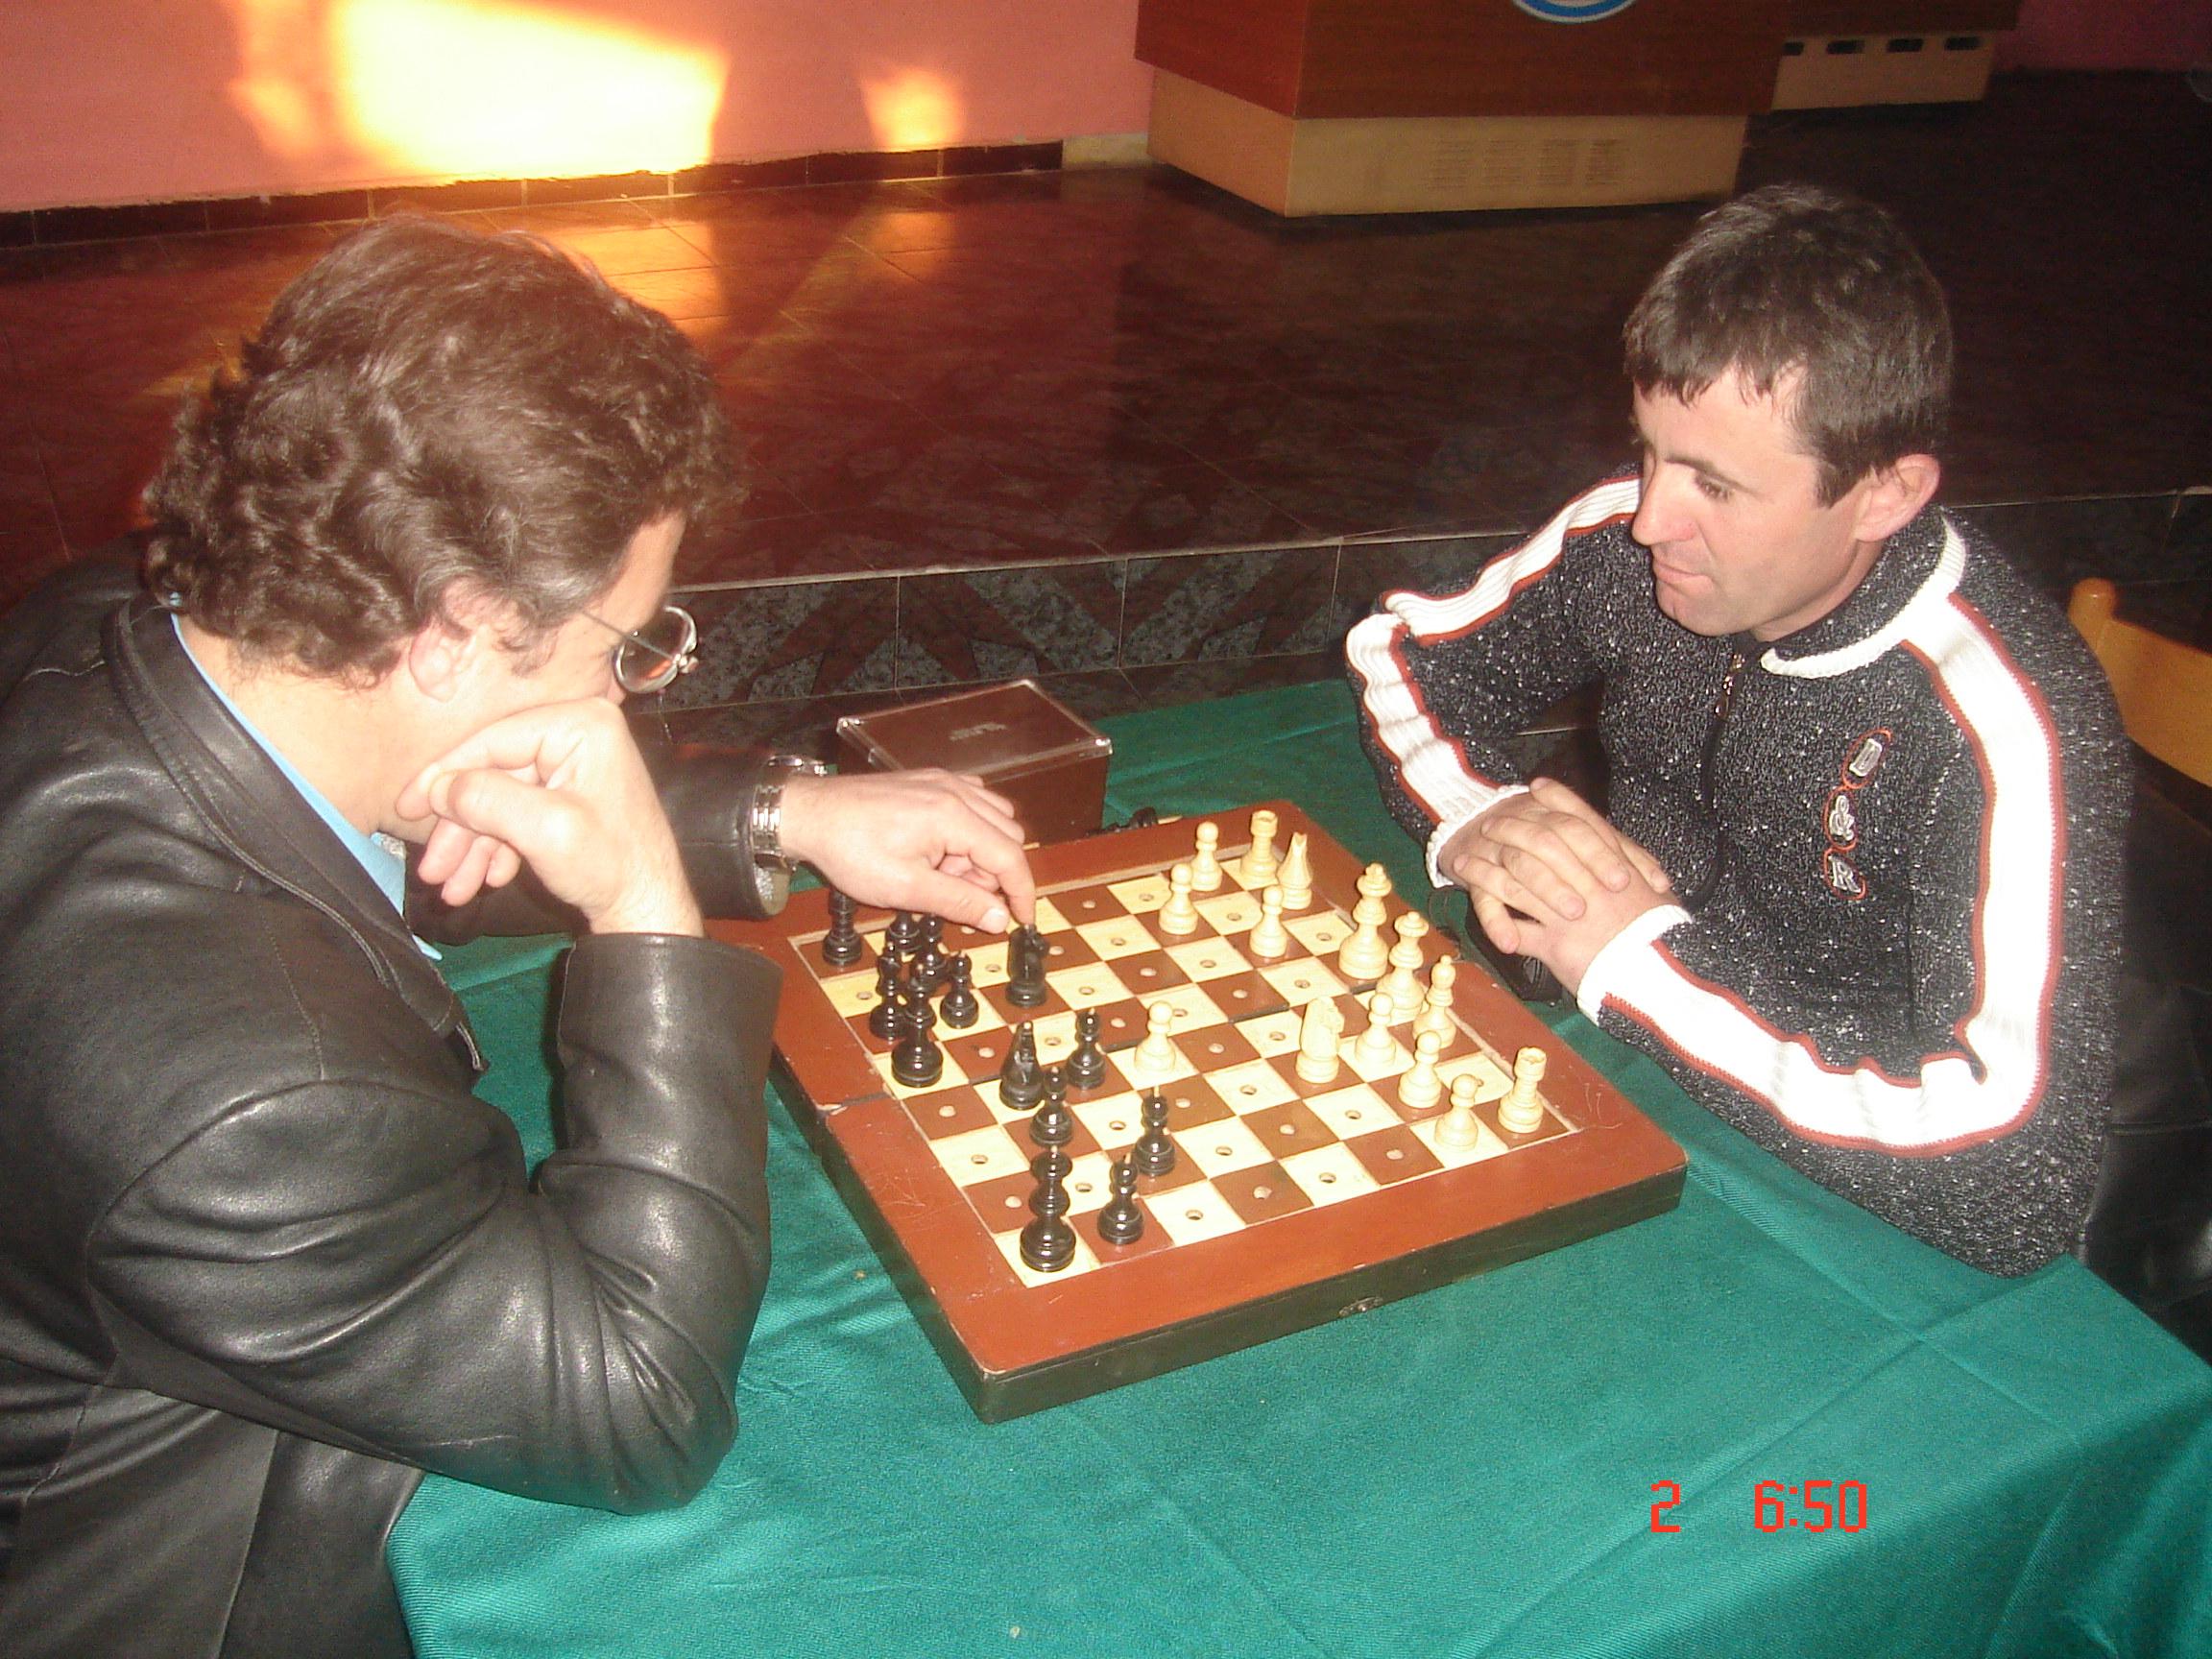 Kampionati i 8-te i shahut per te verber foto 6